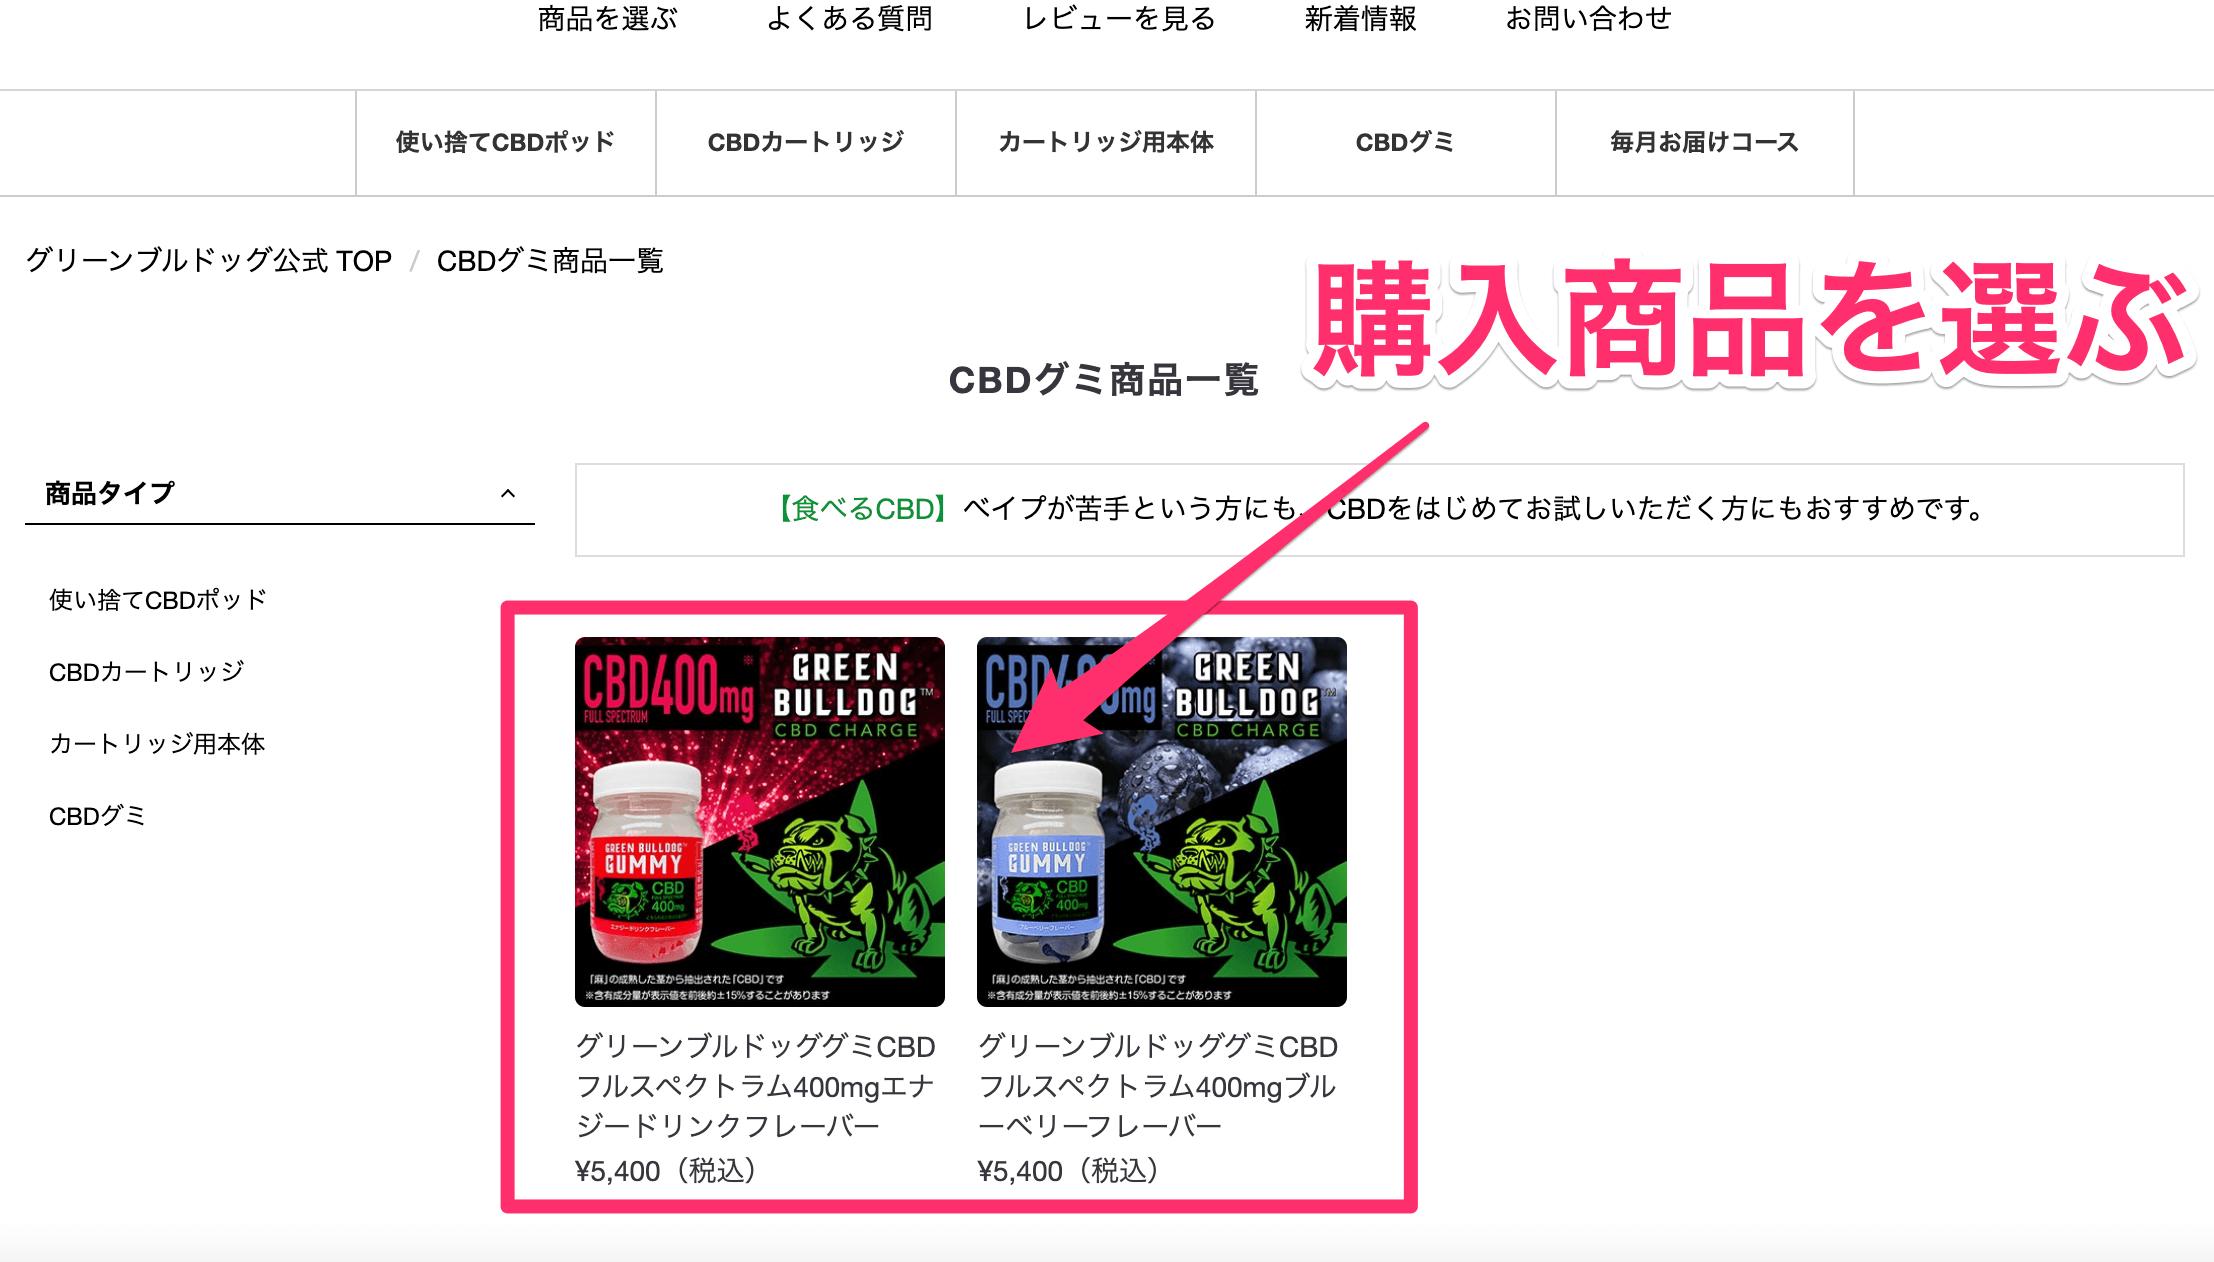 グリーンブルドッグの公式サイト